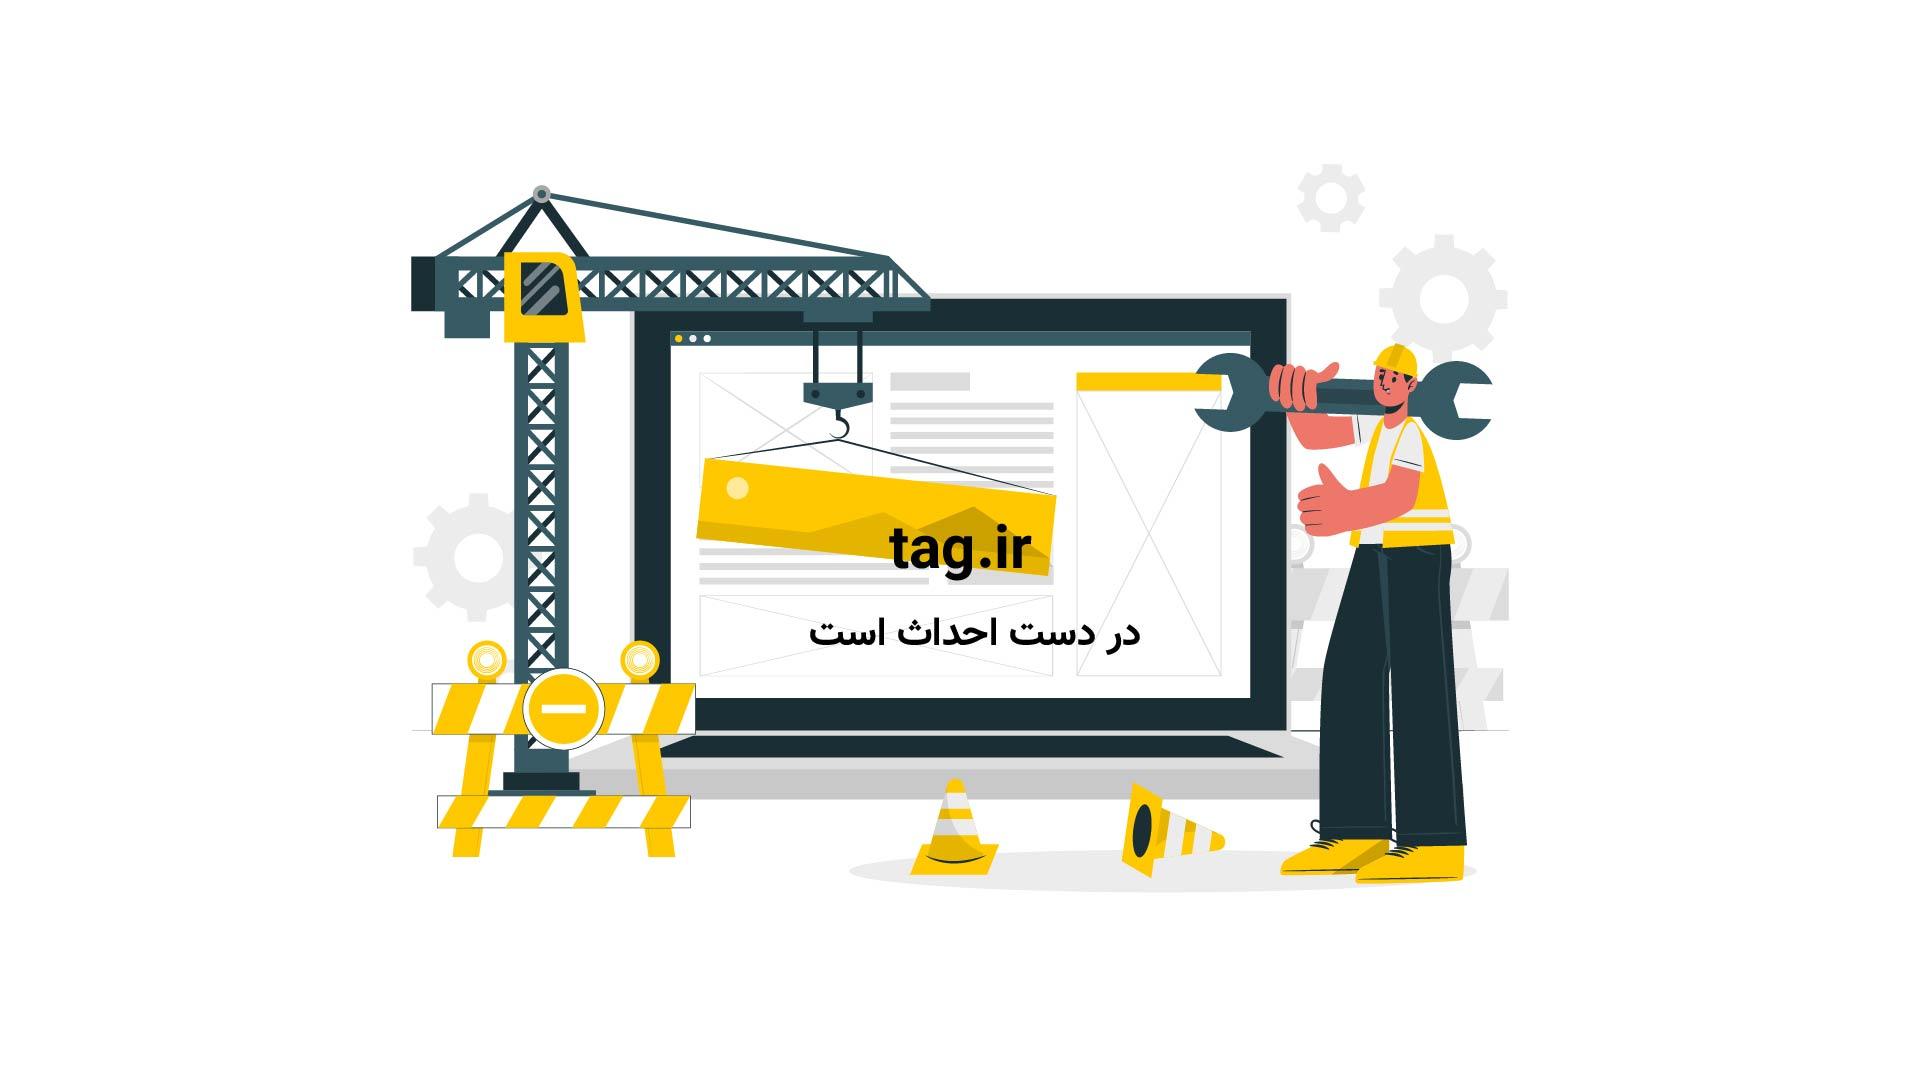 پیام فرمانده نیروی انتظامی جمهوری اسلامی ایران در آغاز هفته ناجا   فیلم